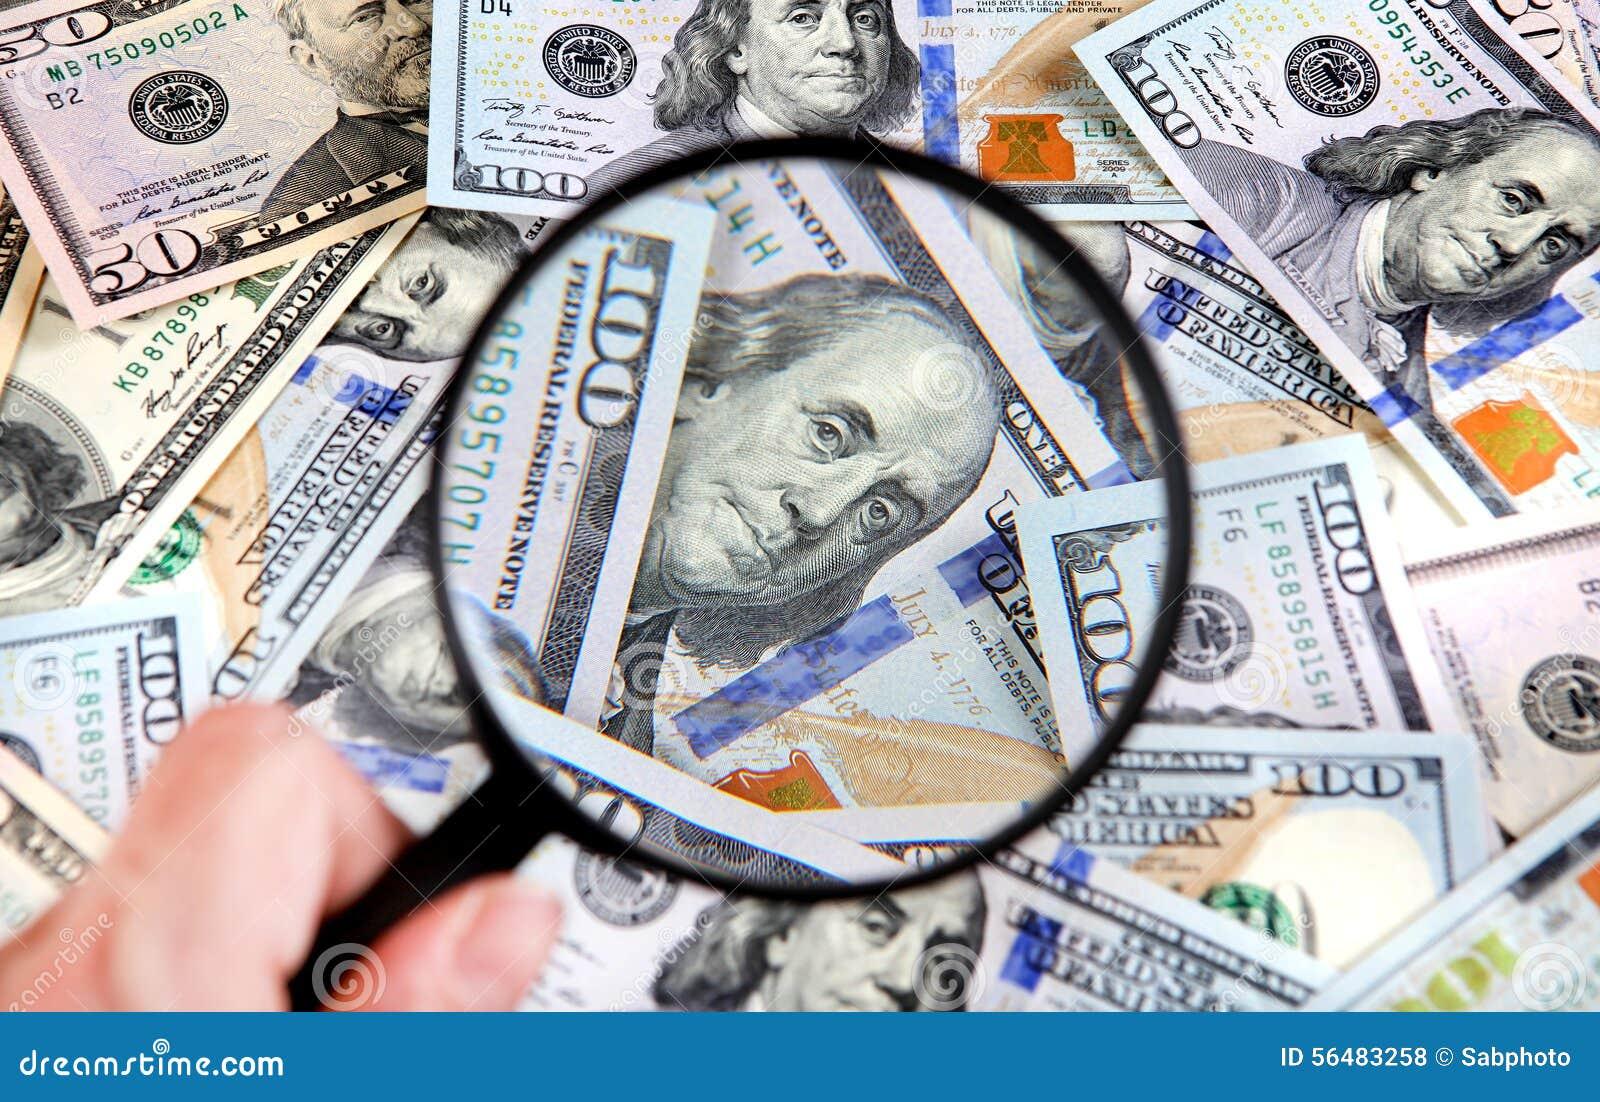 Loupe sur l argent